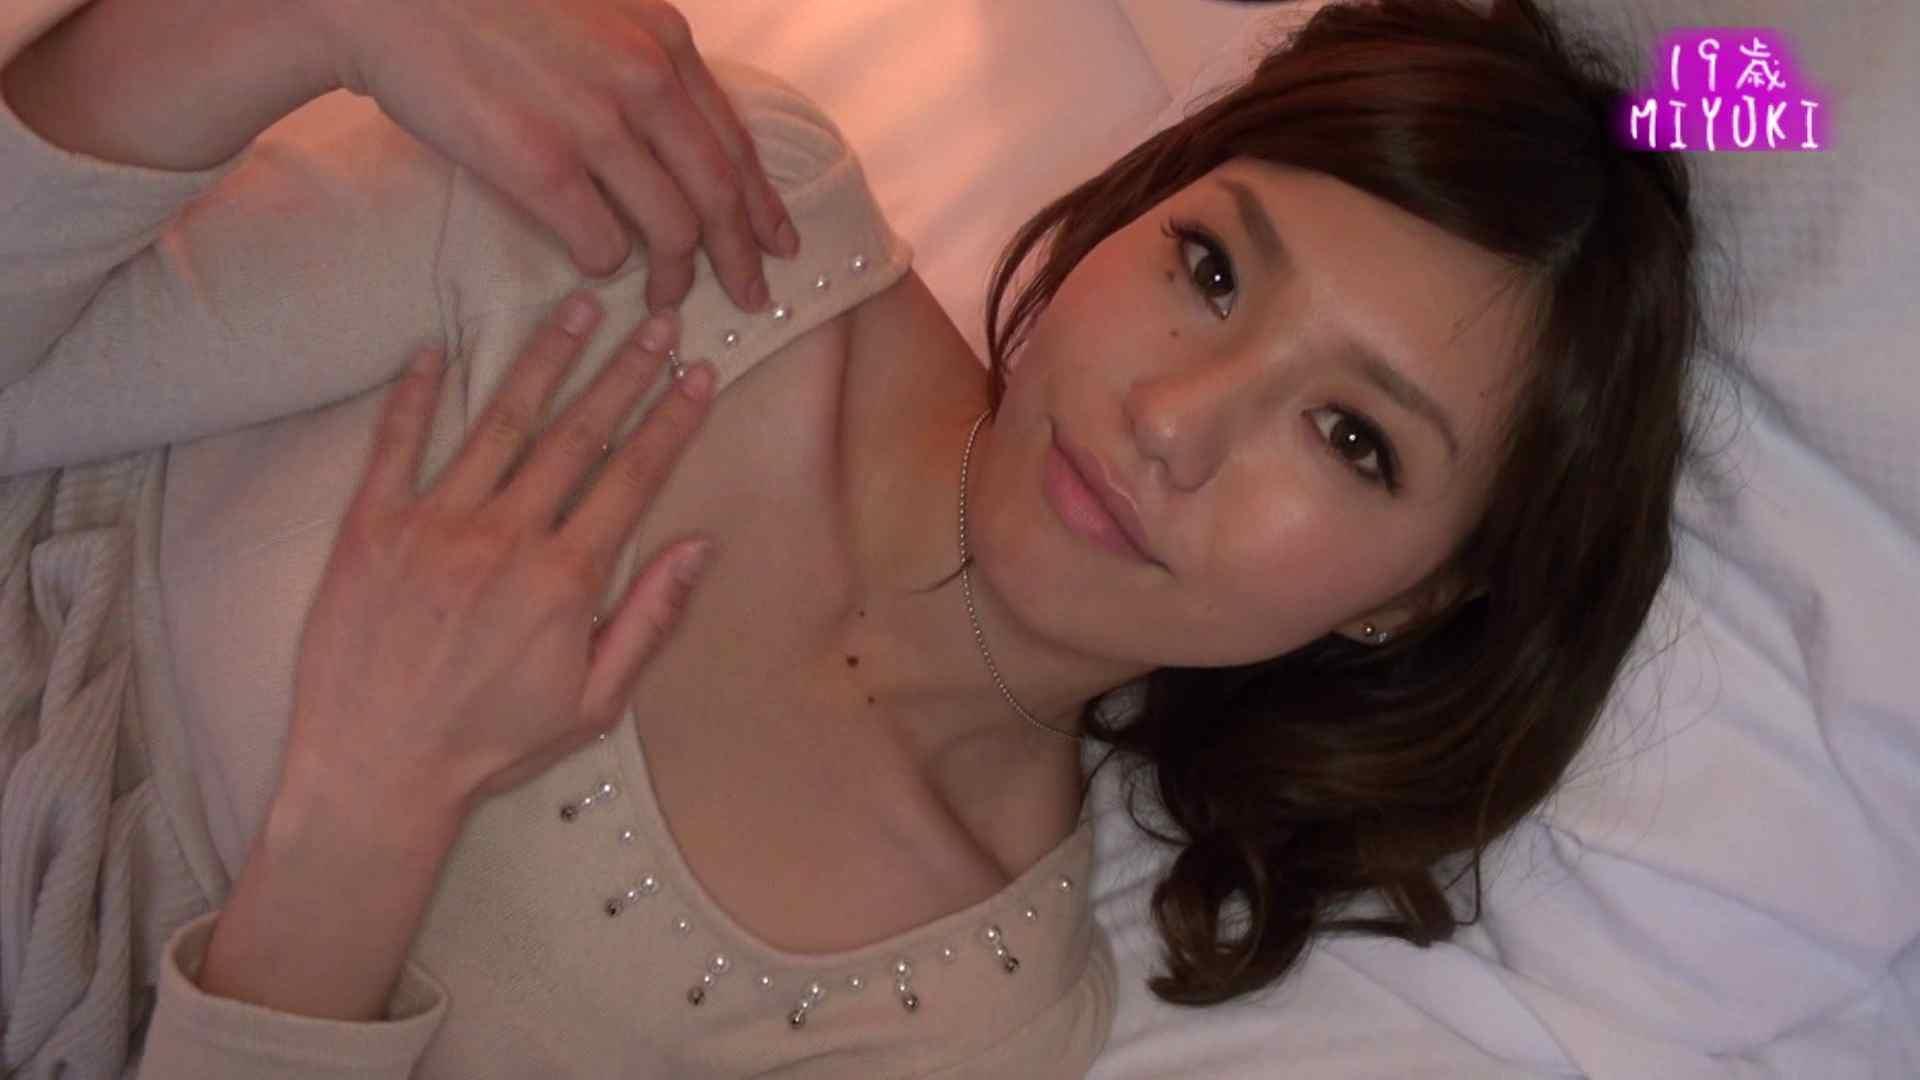 カメラテストを兼ねて、MIYUKIちゃんのイメージ撮影 メーカー直接買い取り  88連発 59